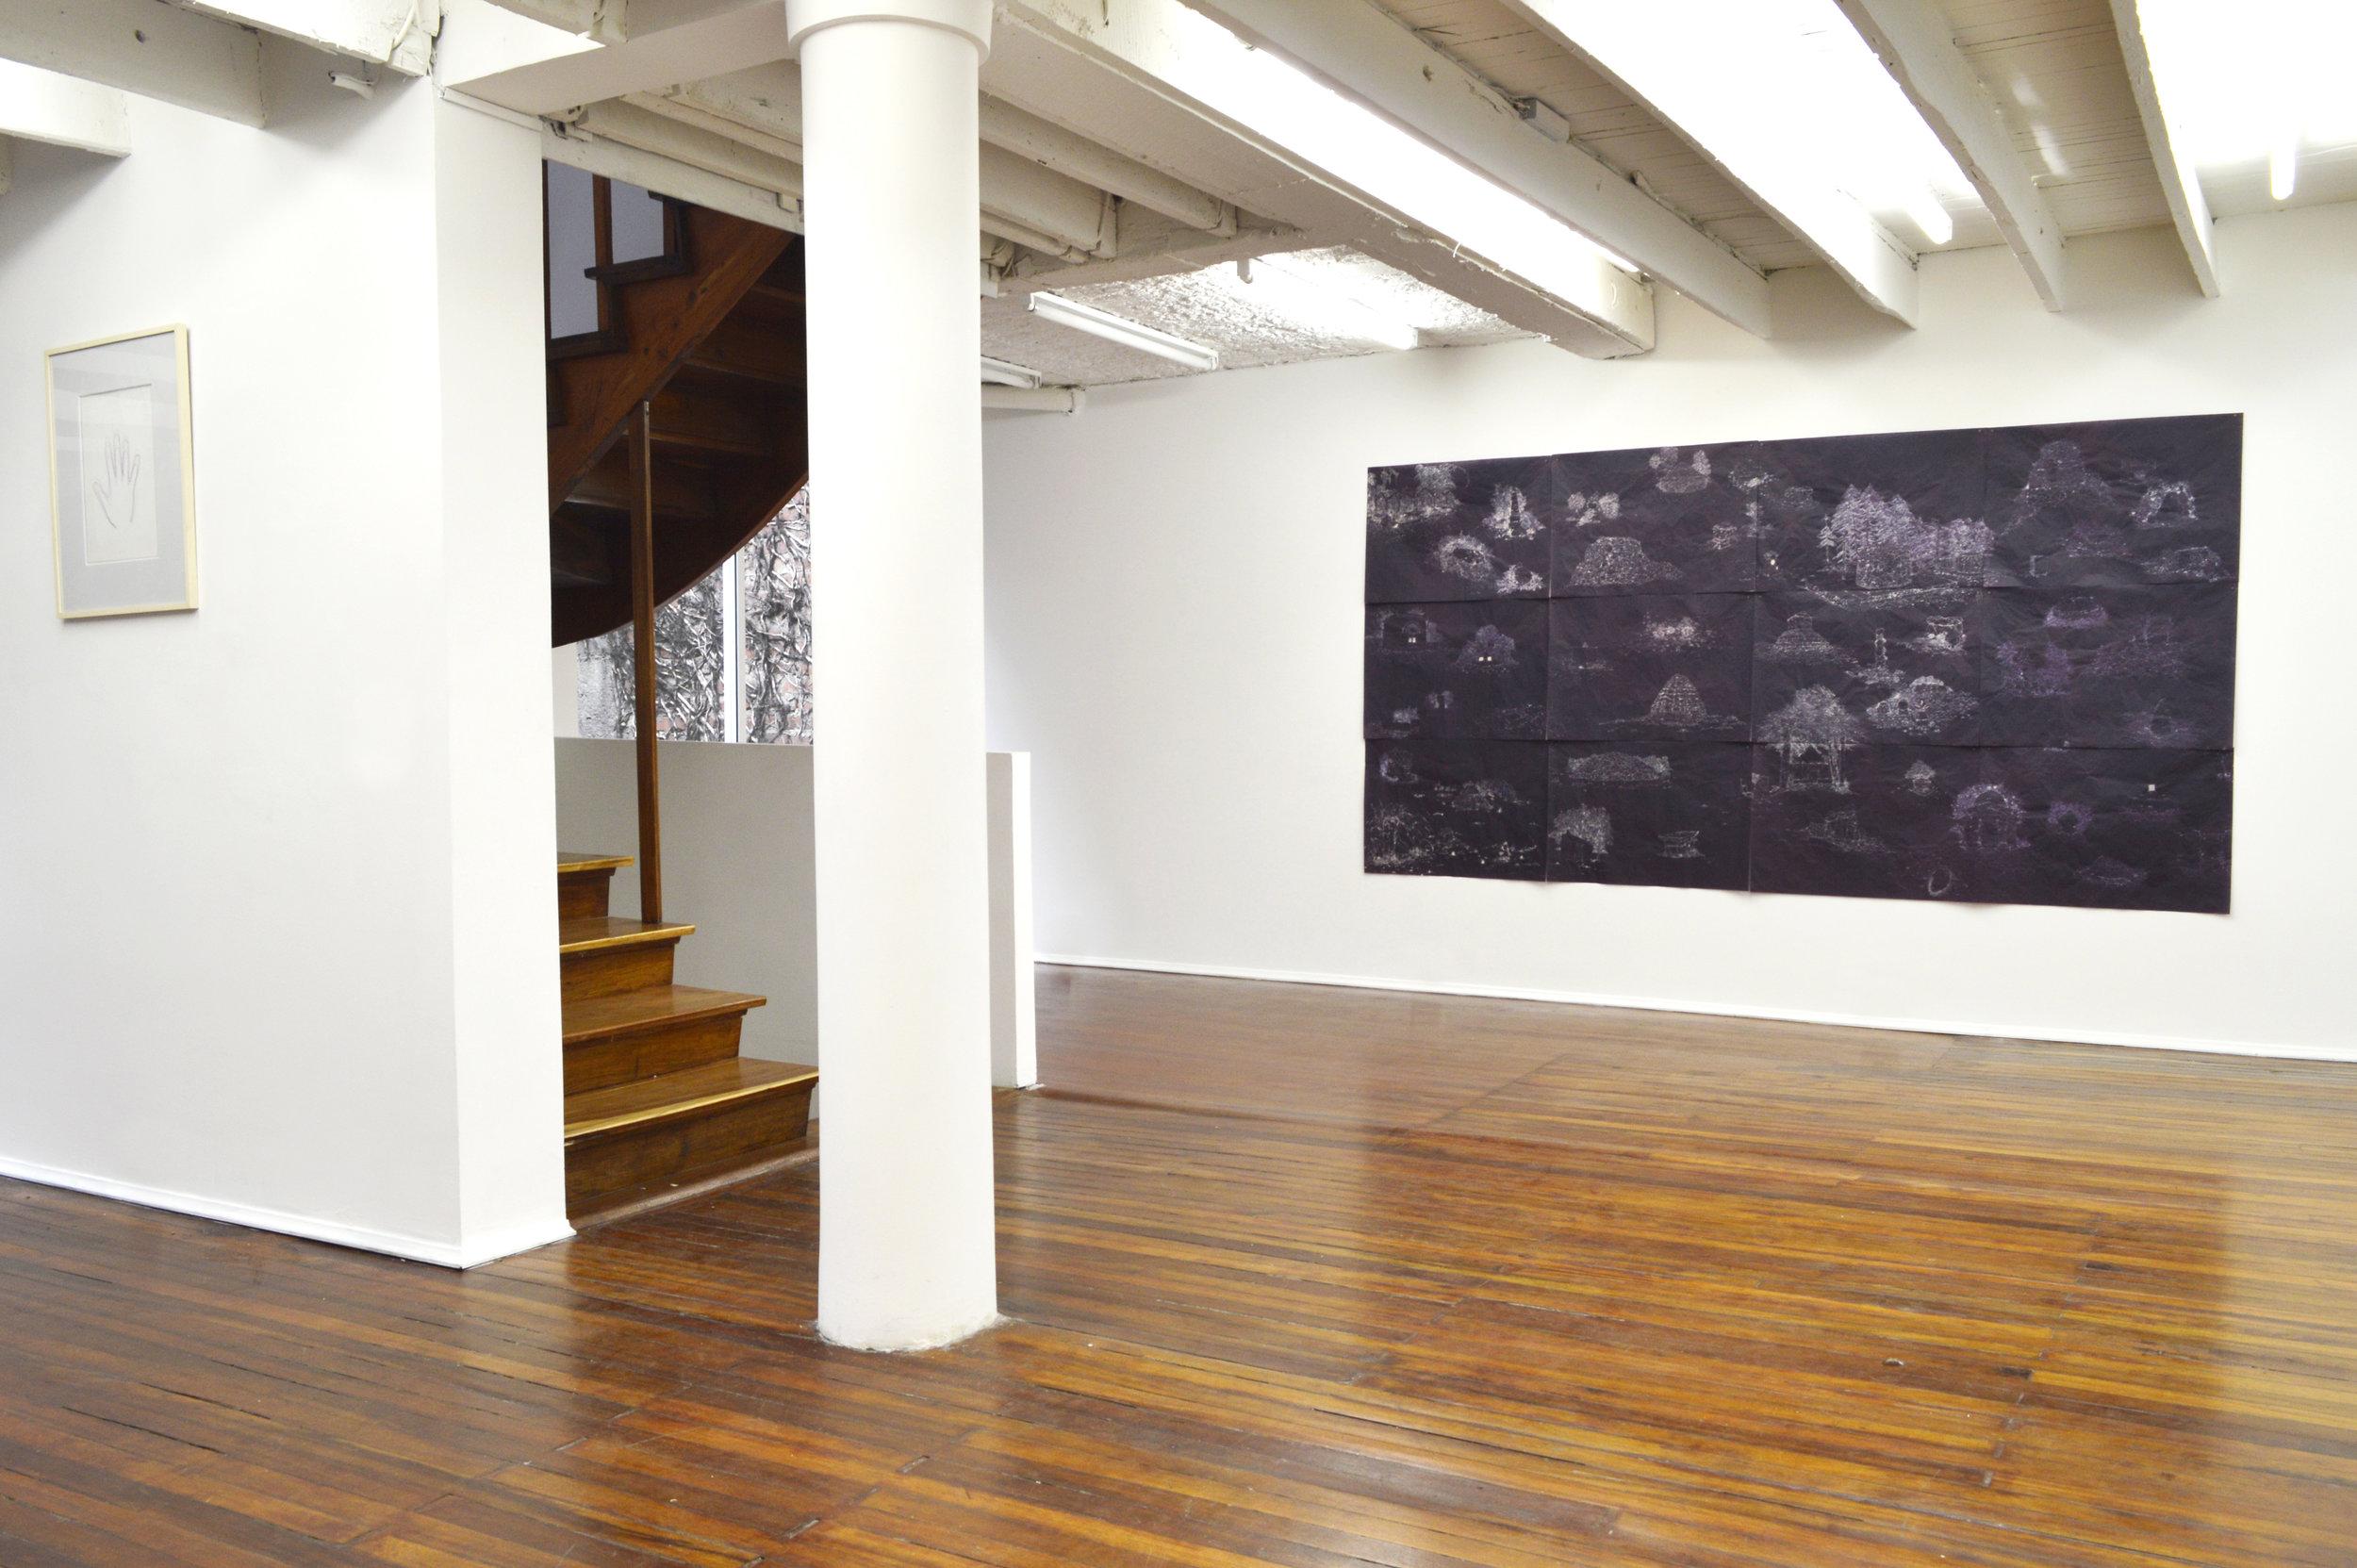 """A CONTRALUZ, 2014  Exhibición individual, vista de sala segundo piso.  """"Los ombligos del mundo""""   Hipoclorito de sodio sobre papel de seda   150 x 280 cm   2013"""